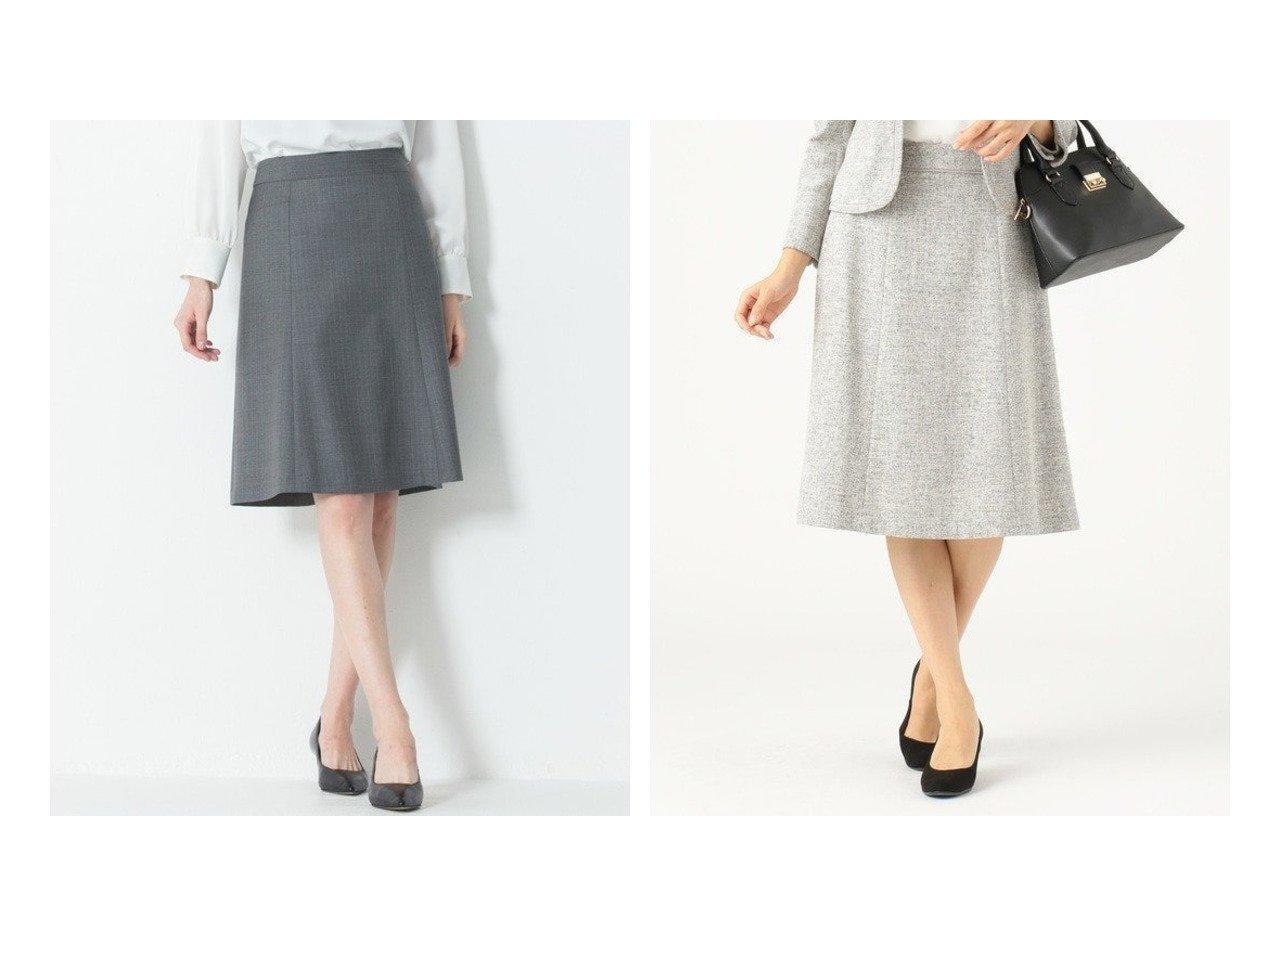 【any SiS/エニィ スィス】の【セットアップ対応】ミニライトボーダー スカート&【NIJYUSANKU/23区】の【セットアップ対応】ファインネスウール フレアスカート スカートのおすすめ!人気、レディースファッションの通販  おすすめファッション通販アイテム インテリア・キッズ・メンズ・レディースファッション・服の通販 founy(ファニー) ファッション Fashion レディース WOMEN セットアップ Setup スカート Skirt スカート Skirt Aライン/フレアスカート Flared A-Line Skirts ジャケット ストレッチ スーツ セットアップ テーラード 定番 フレア マーメイド シンプル ツイード フェミニン ベーシック ミックス ブラック系 Black グレー系 Gray |ID:crp329100000004060